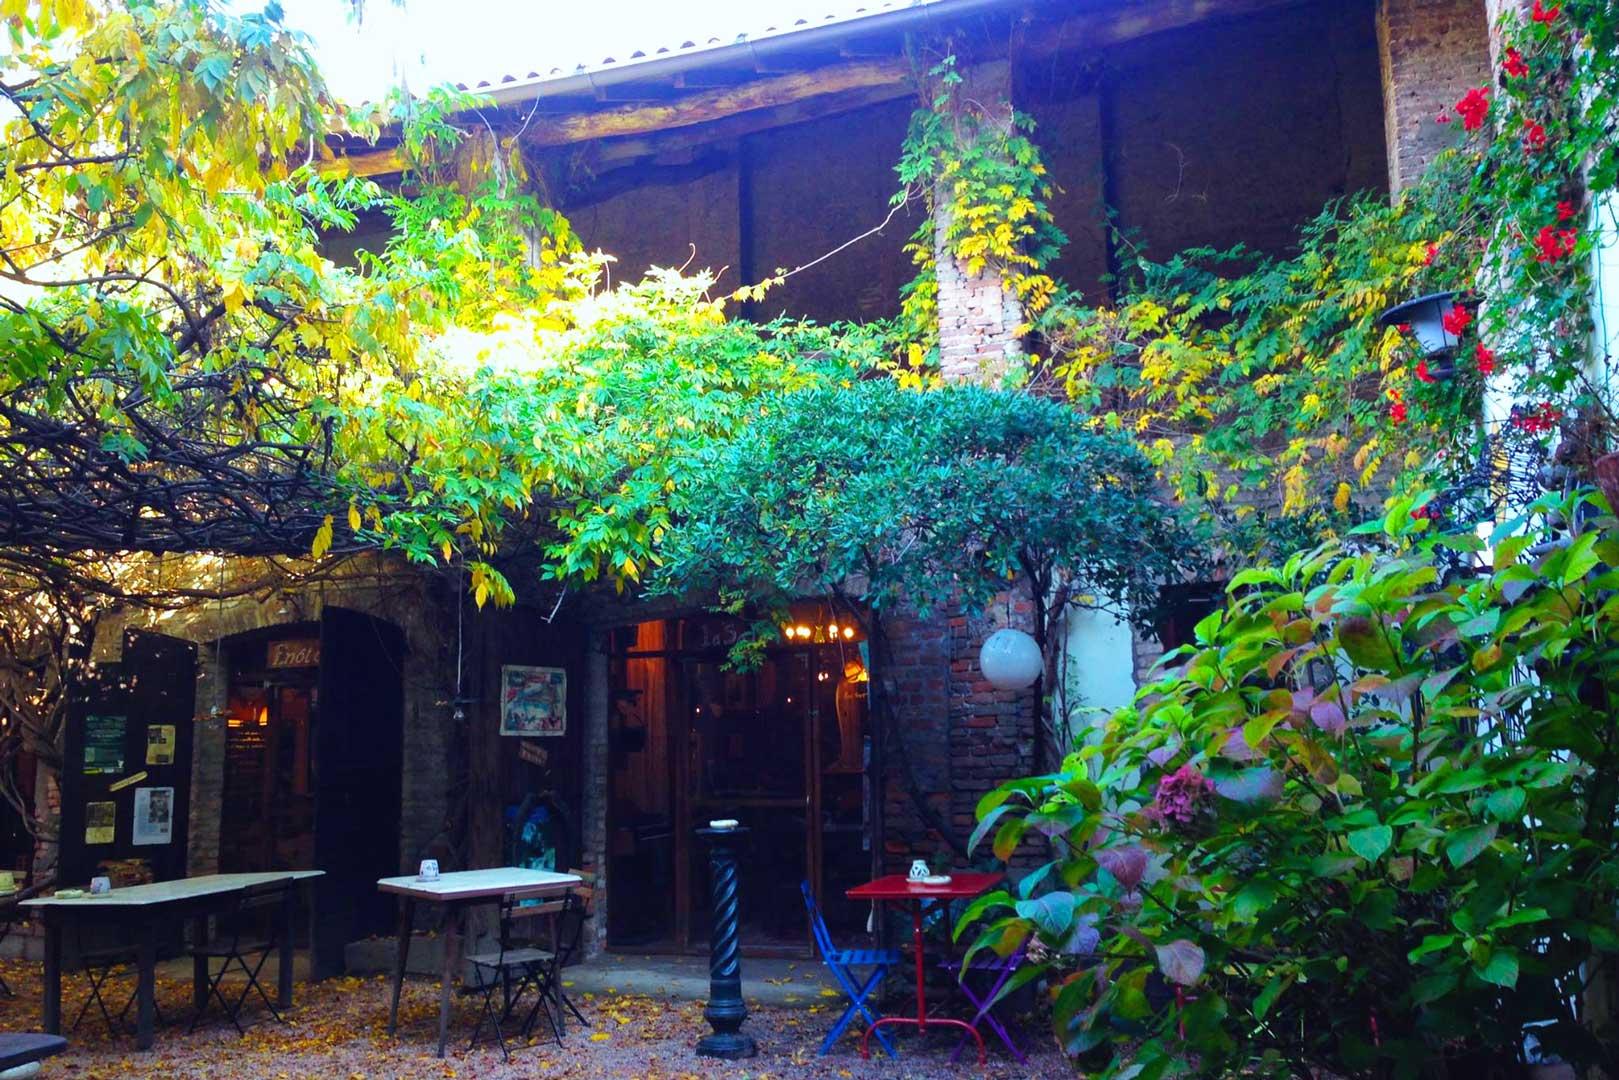 ristoranti-giardino-porte-milano-osteria-del-castello-esterno